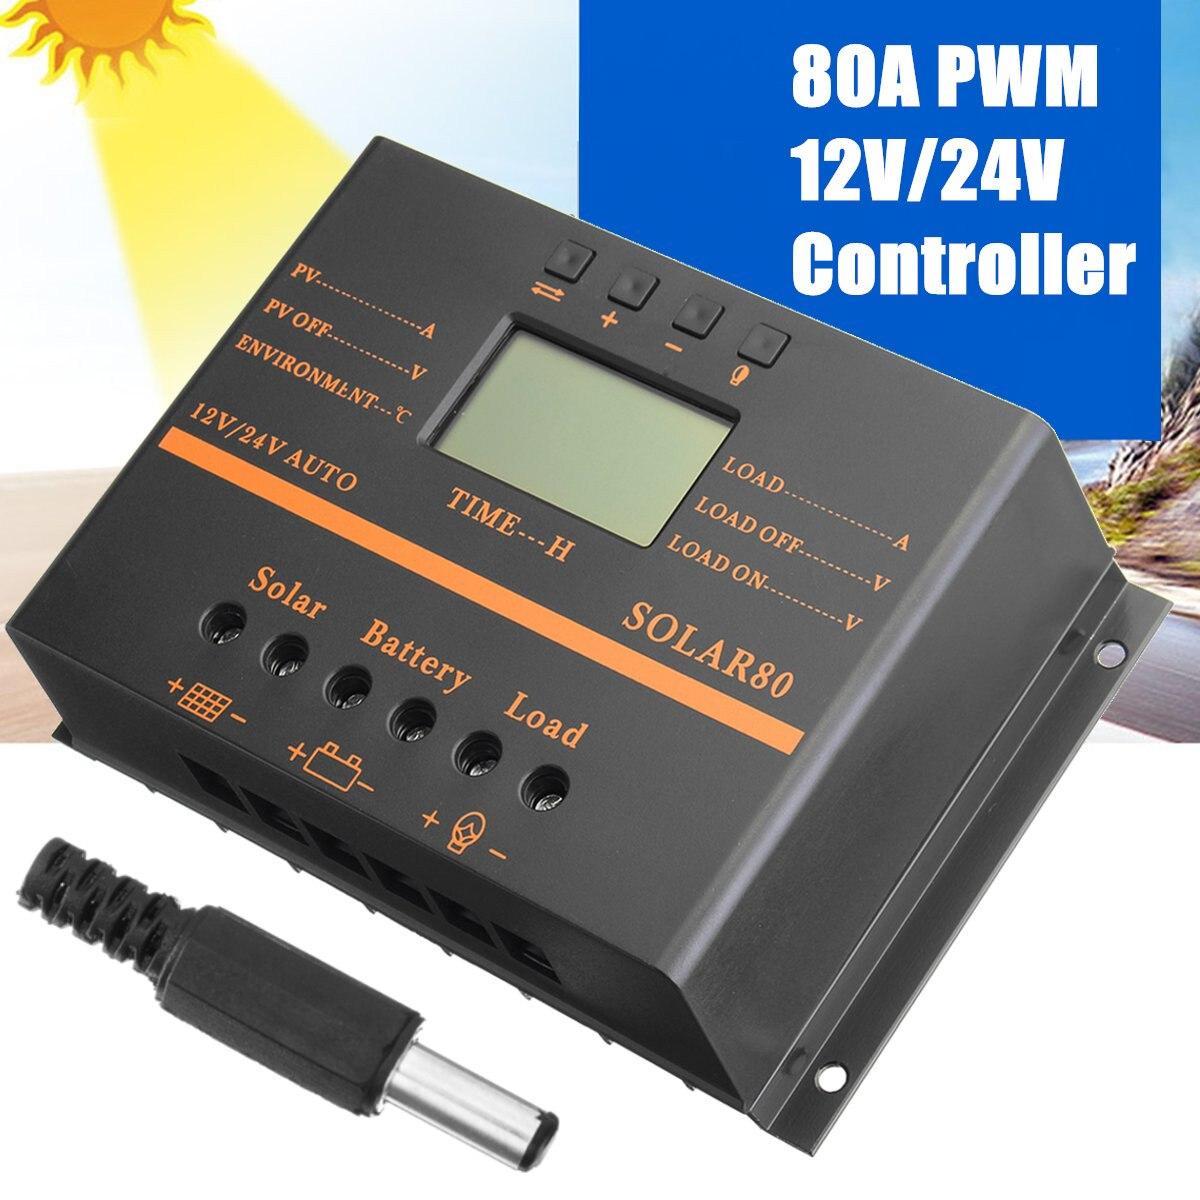 80A nouveau contrôleur solaire 5 V USB chargeur pour téléphone portable 12 V 24 V PV panneau batterie contrôleur de Charge système solaire usage domestique intérieur